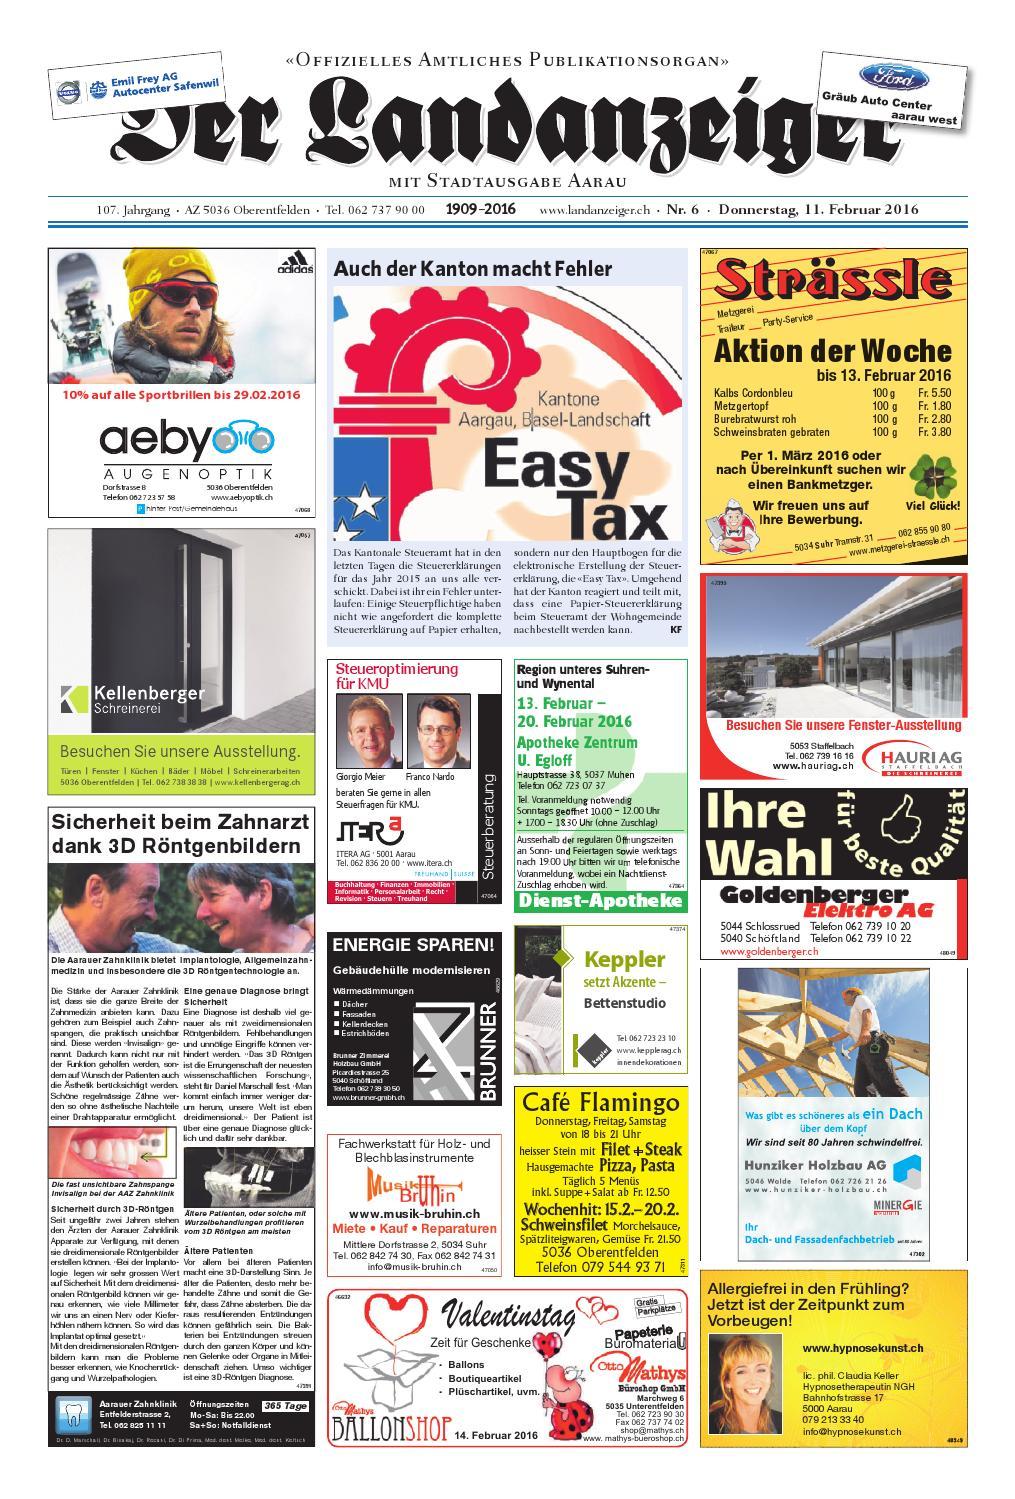 Der Landanzeiger 0616 by ZT Medien AG issuu